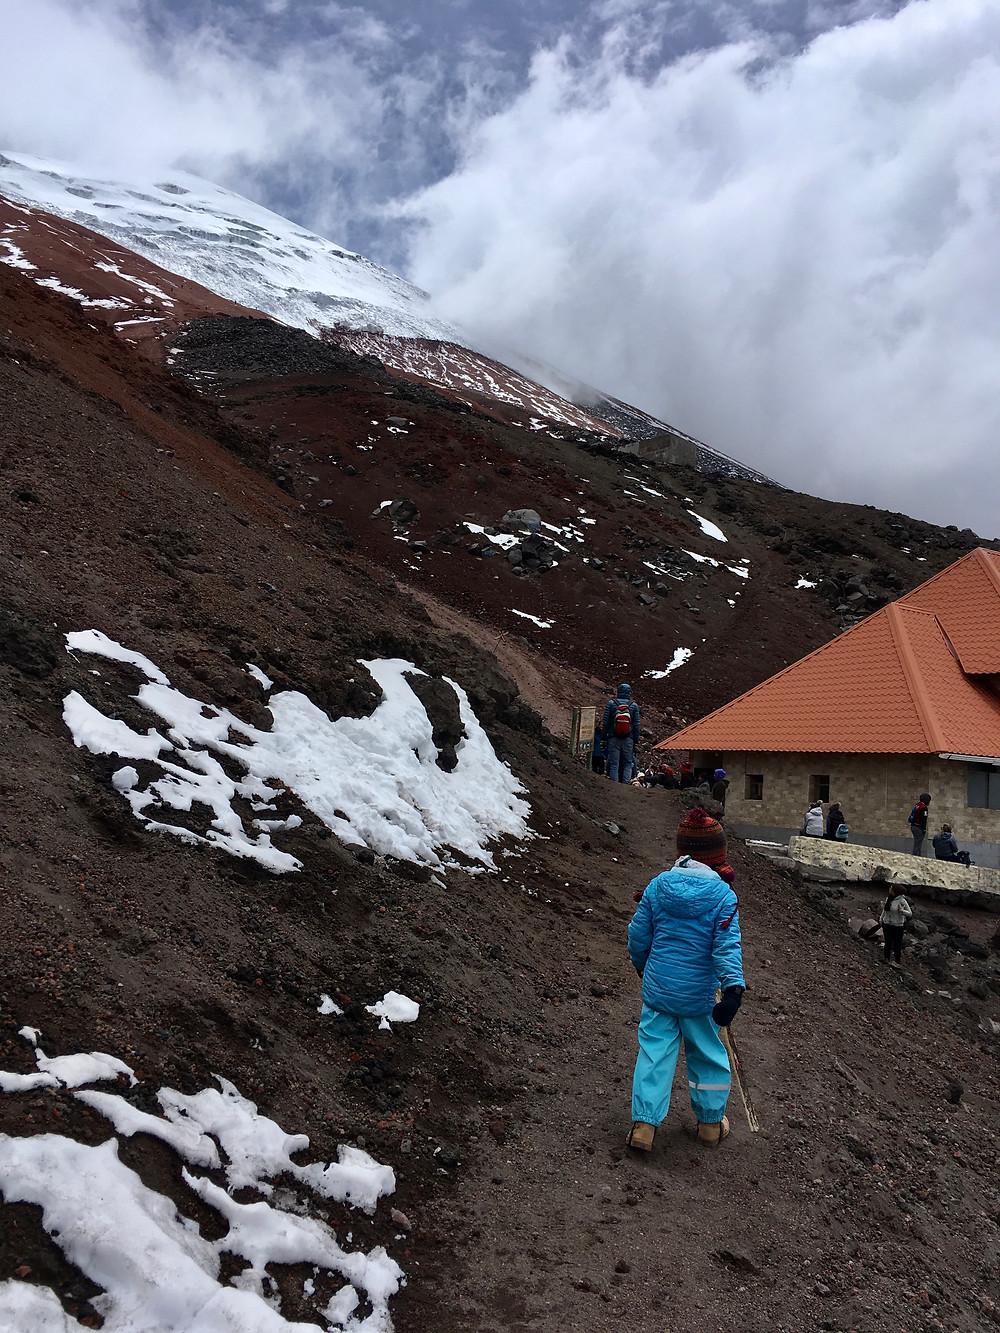 Arrivée au sommet du Cotopaxi! 4'800 mètres